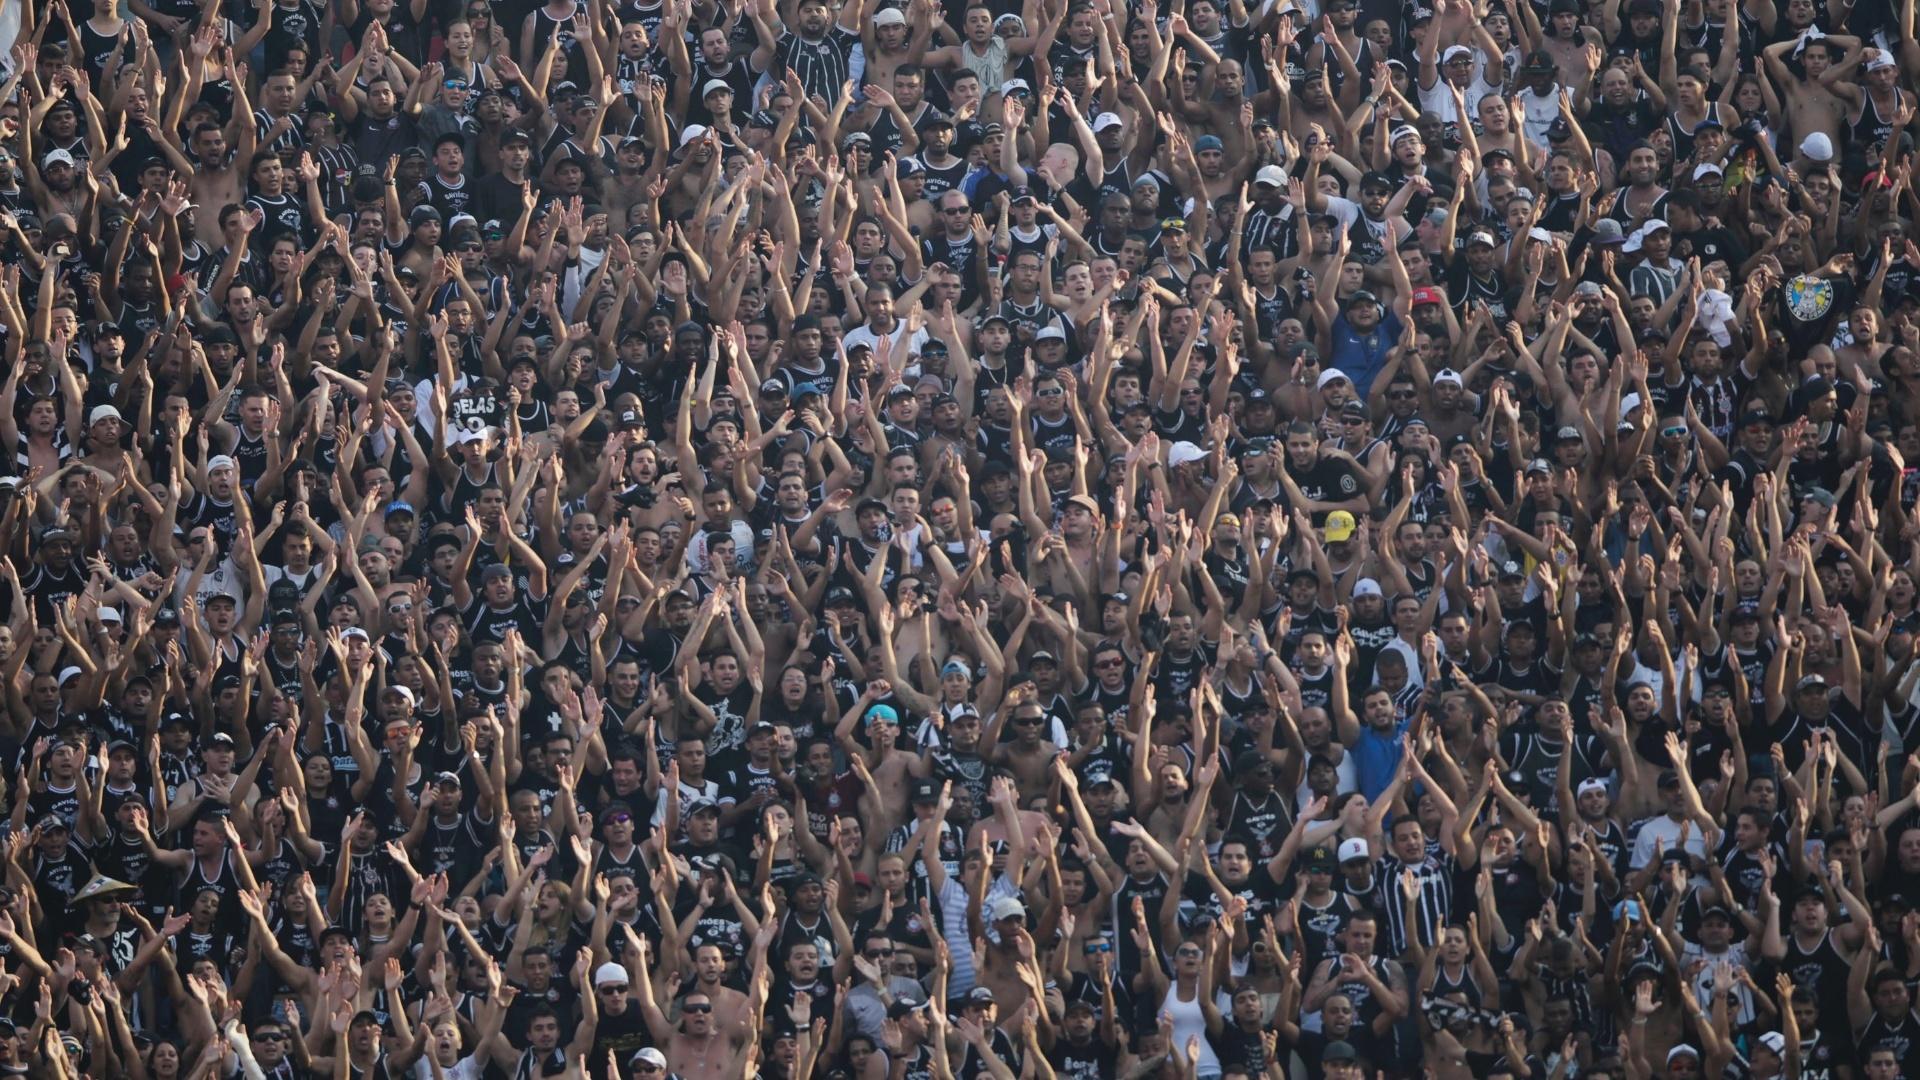 31.mar.2013 - Torcida do Corinthians apoia o time durante o clássico contra o São Paulo no Morumbi